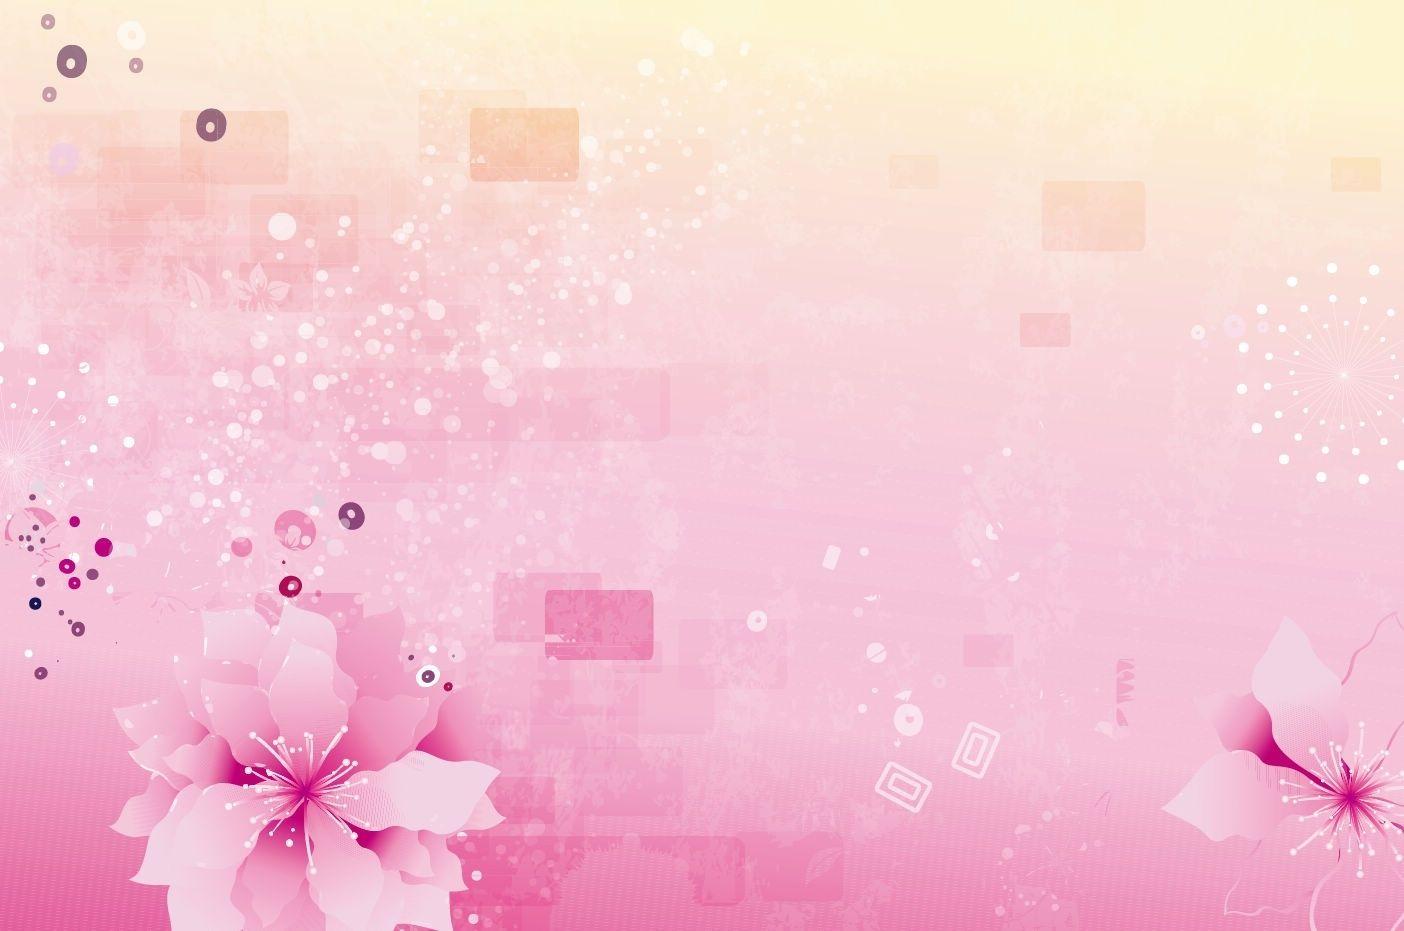 Flowers Of Pink Backgrounds Presnetation Ppt Backgrounds Templates With Ppt Template Background Pink22903 Desain